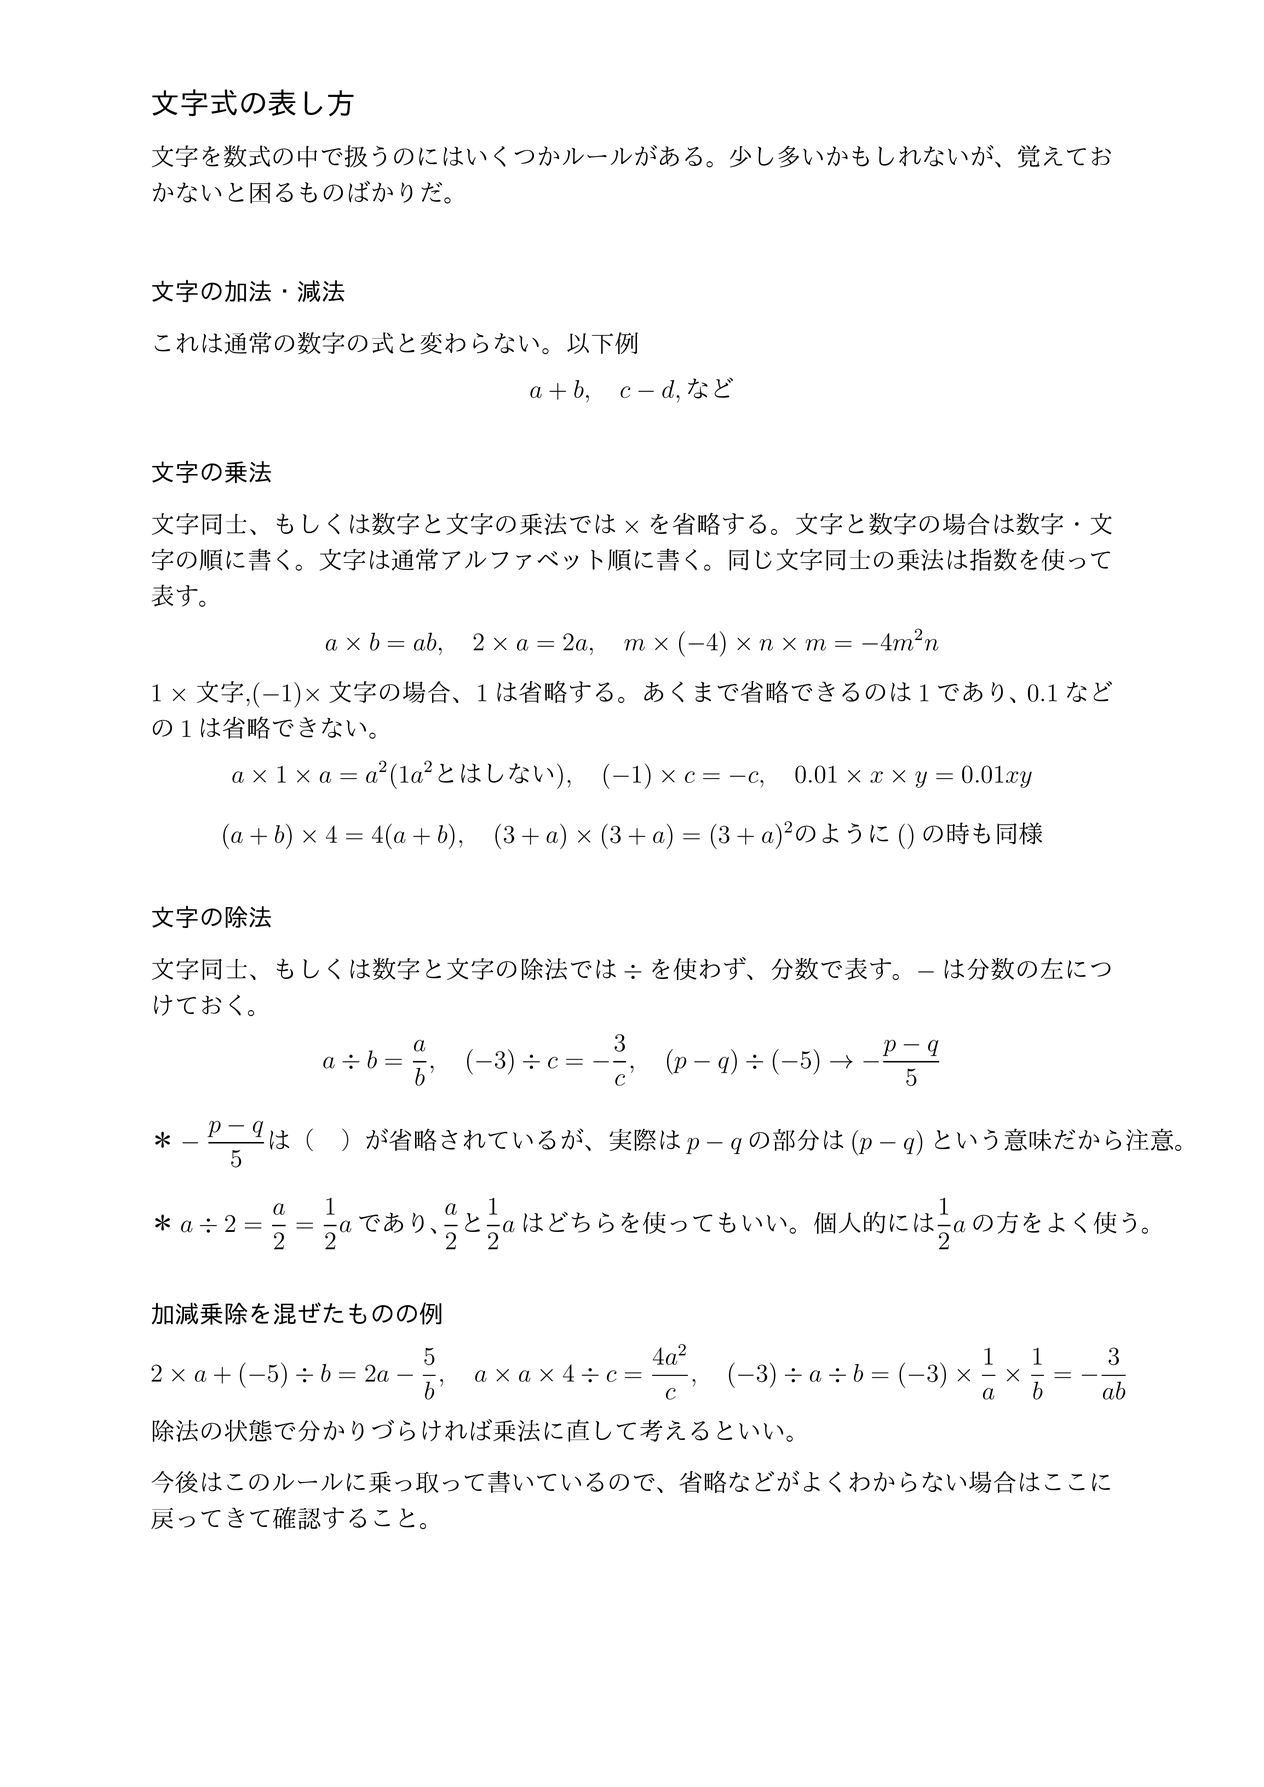 文字式の表し方